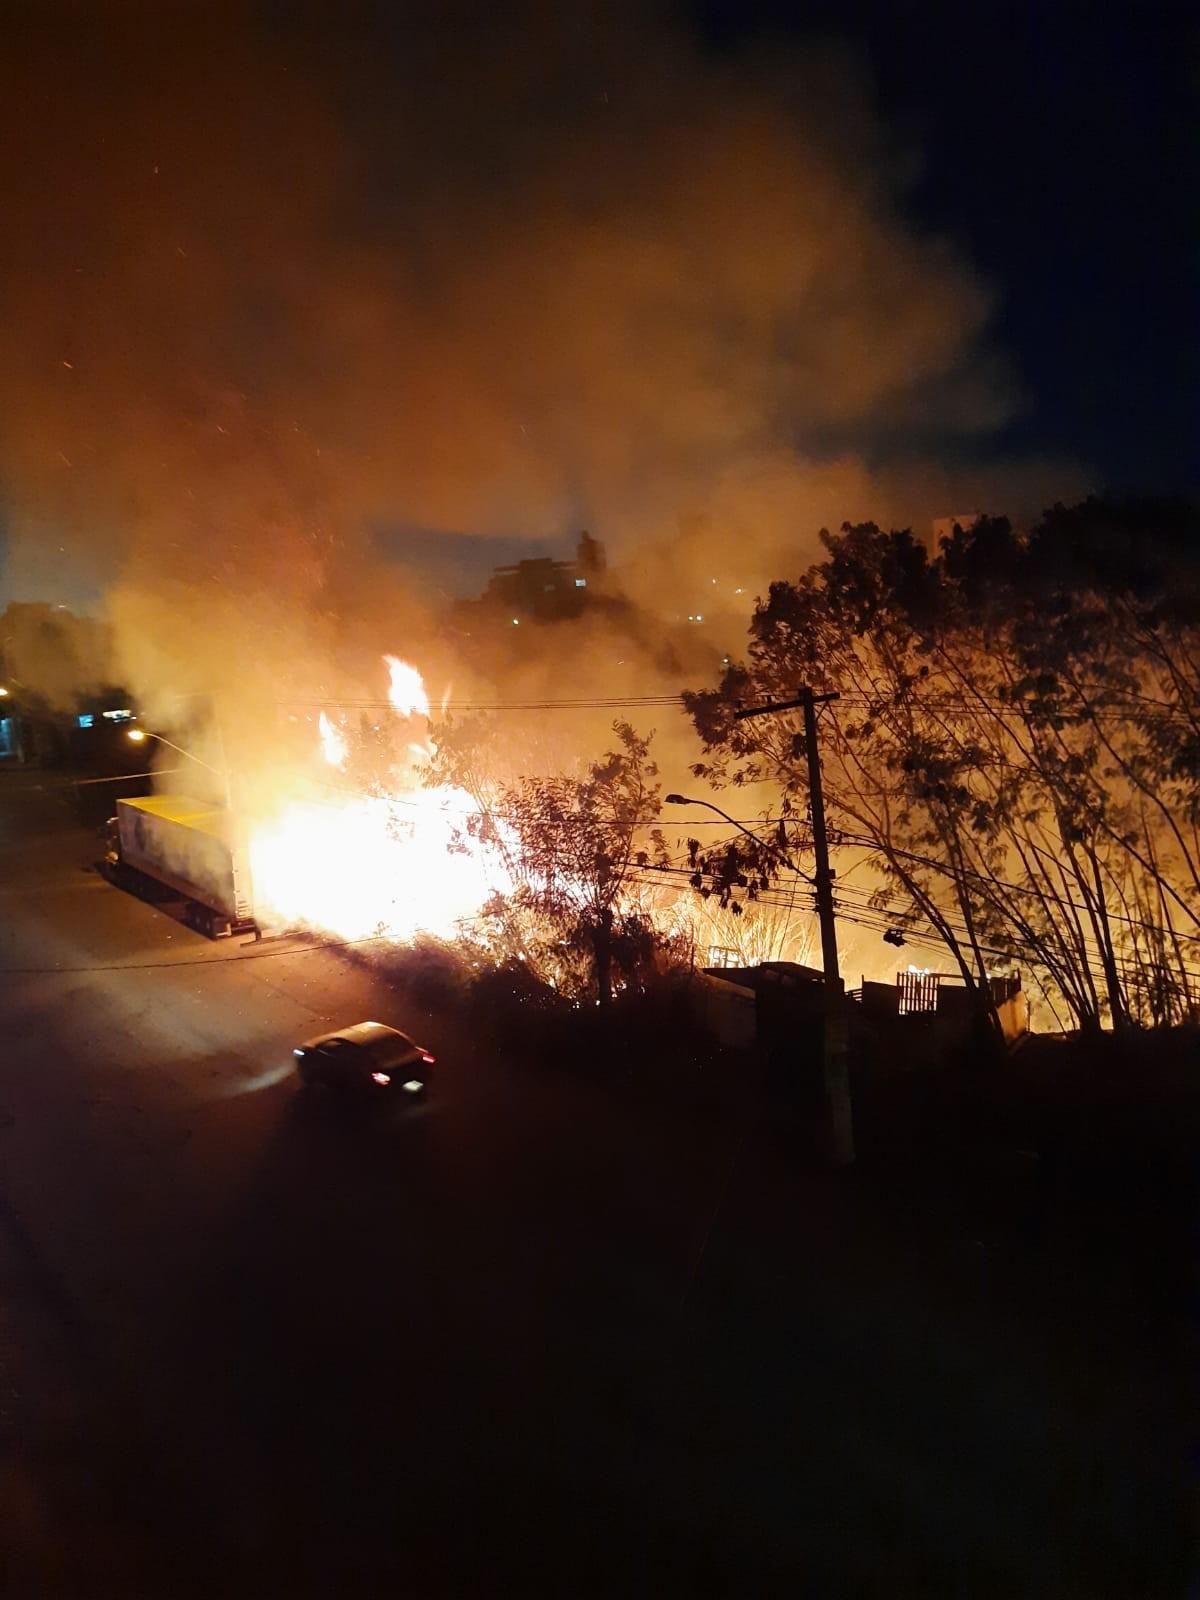 Corpo de Bombeiros controlam incêndio em vegetação no Bairro Ipiranga em Divinópolis